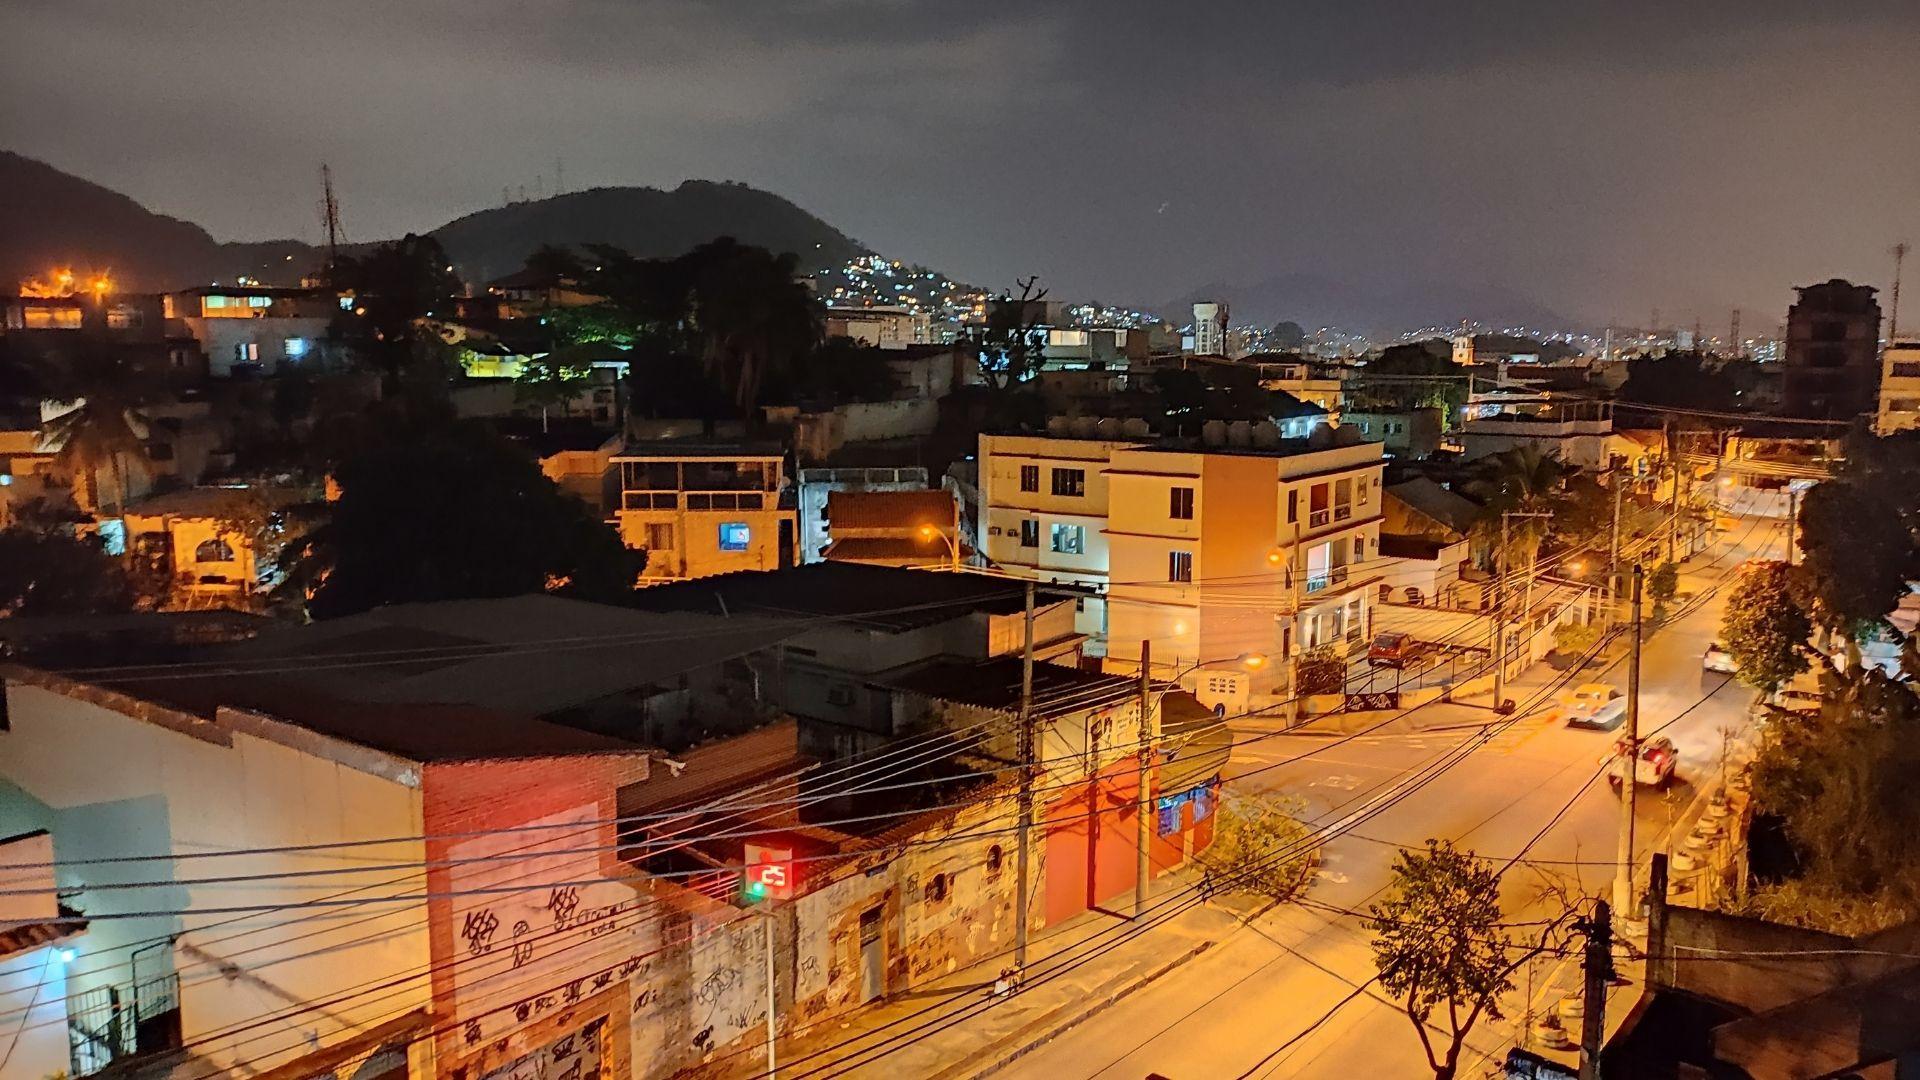 Foto tirada à noite com o Modo noturno do Poco X3 NFC (Foto: Zoom)